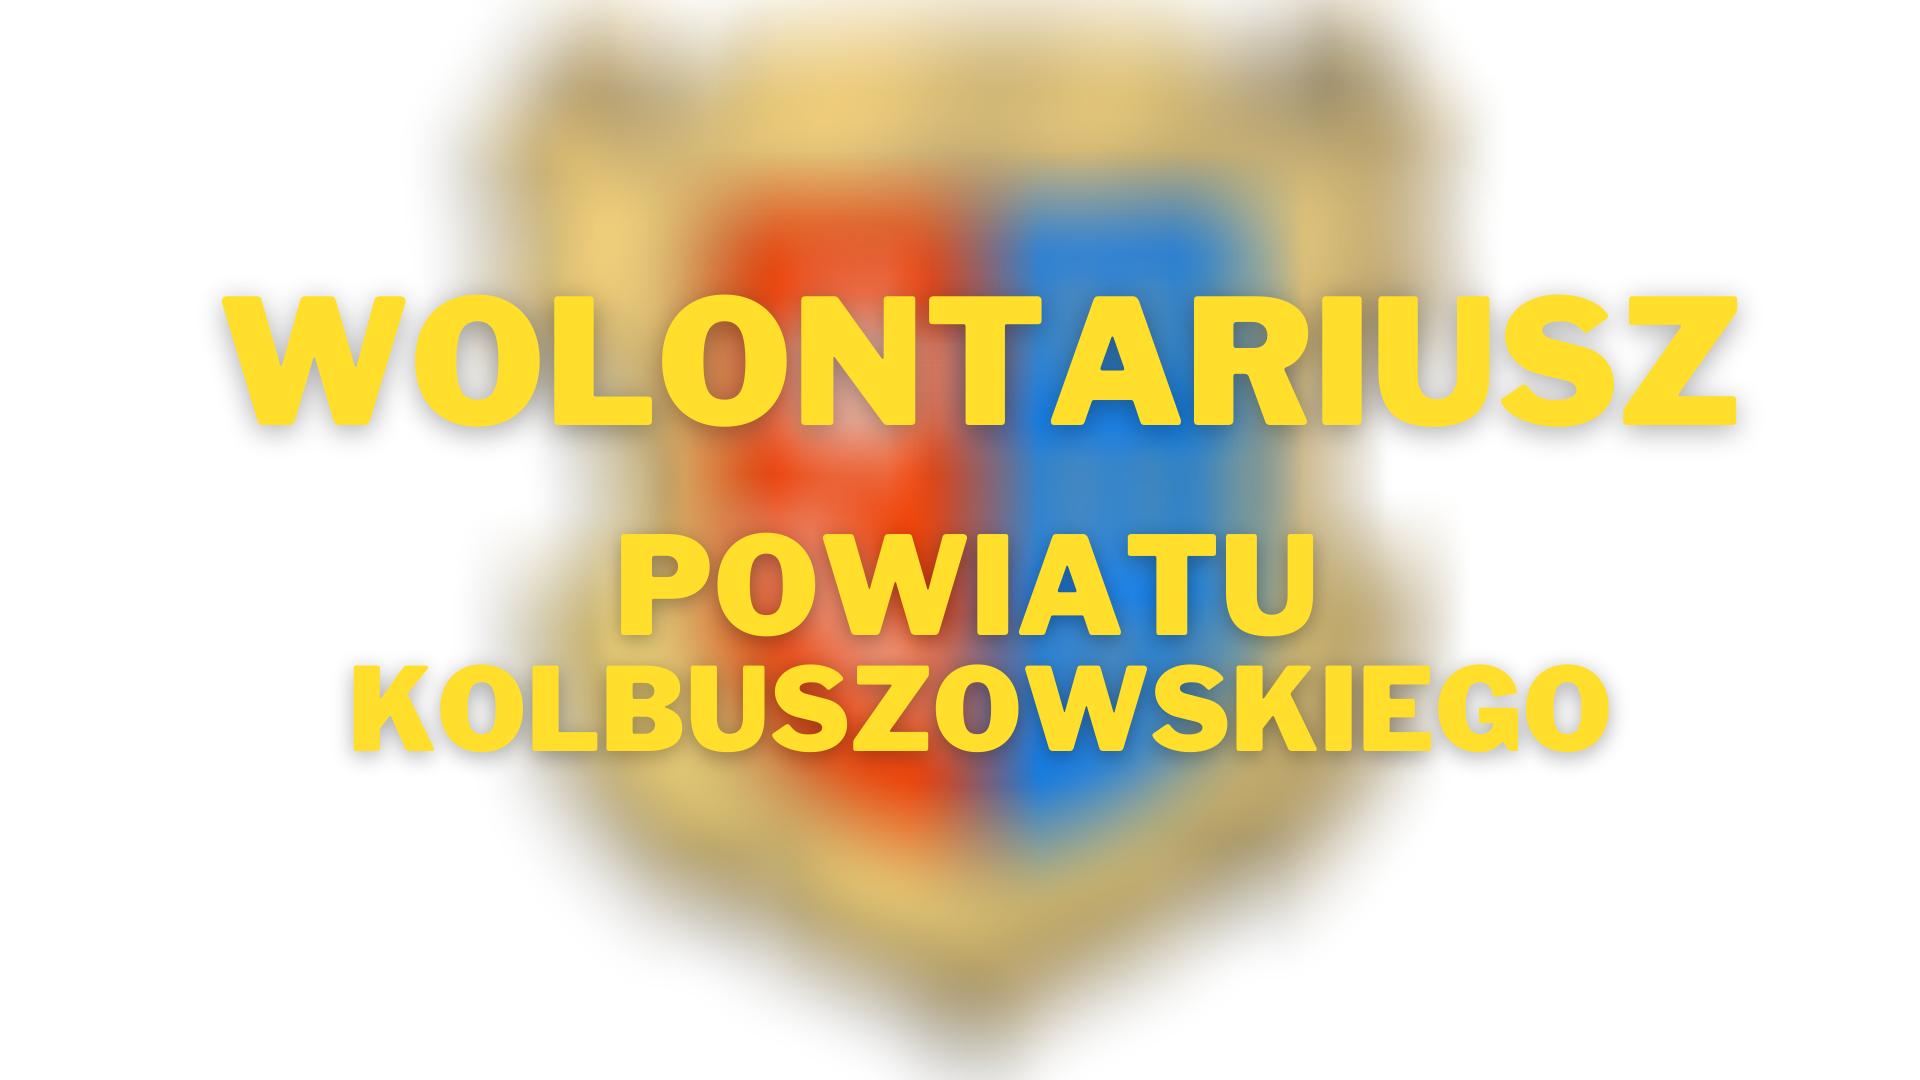 Wolontariusz Powiatu Kolbuszowskiego 2020 roku. Zostało kilka dni - Zdjęcie główne